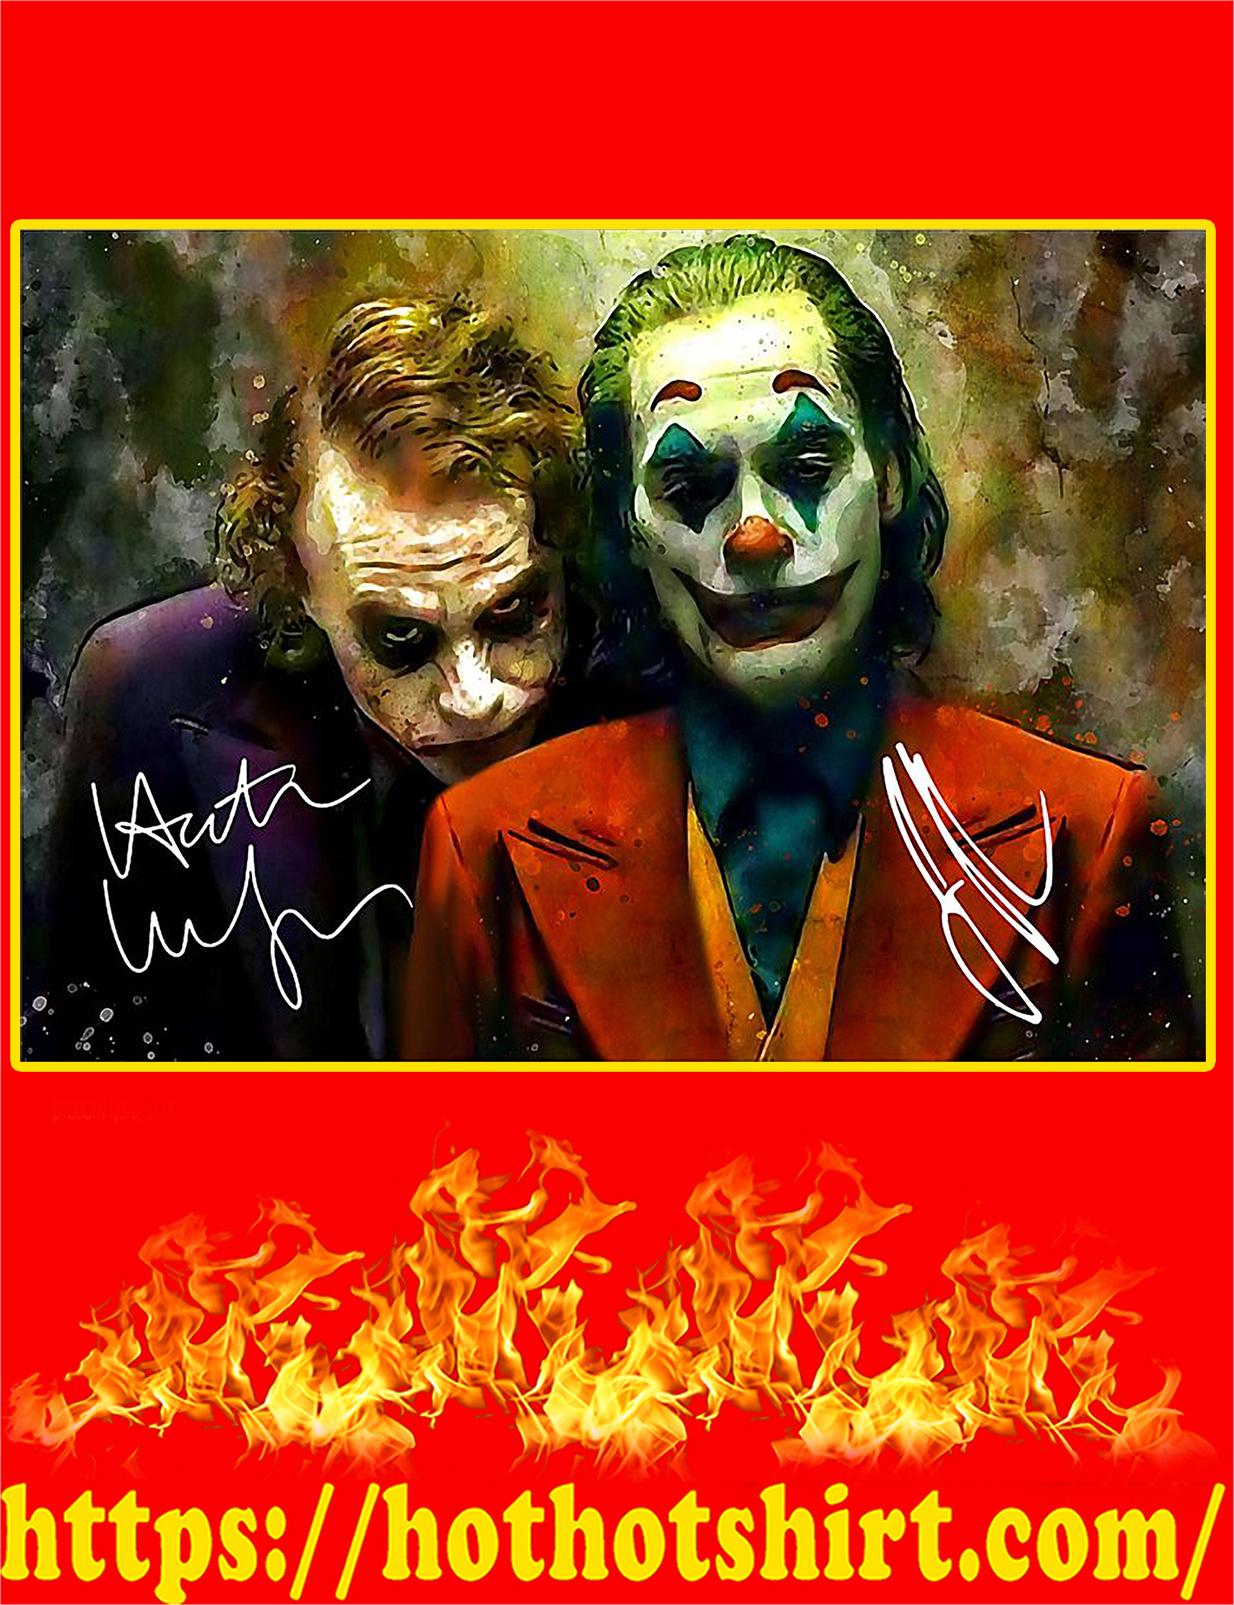 Joker Joaquin Phoenix and Heath Ledger Signature Poster - A4